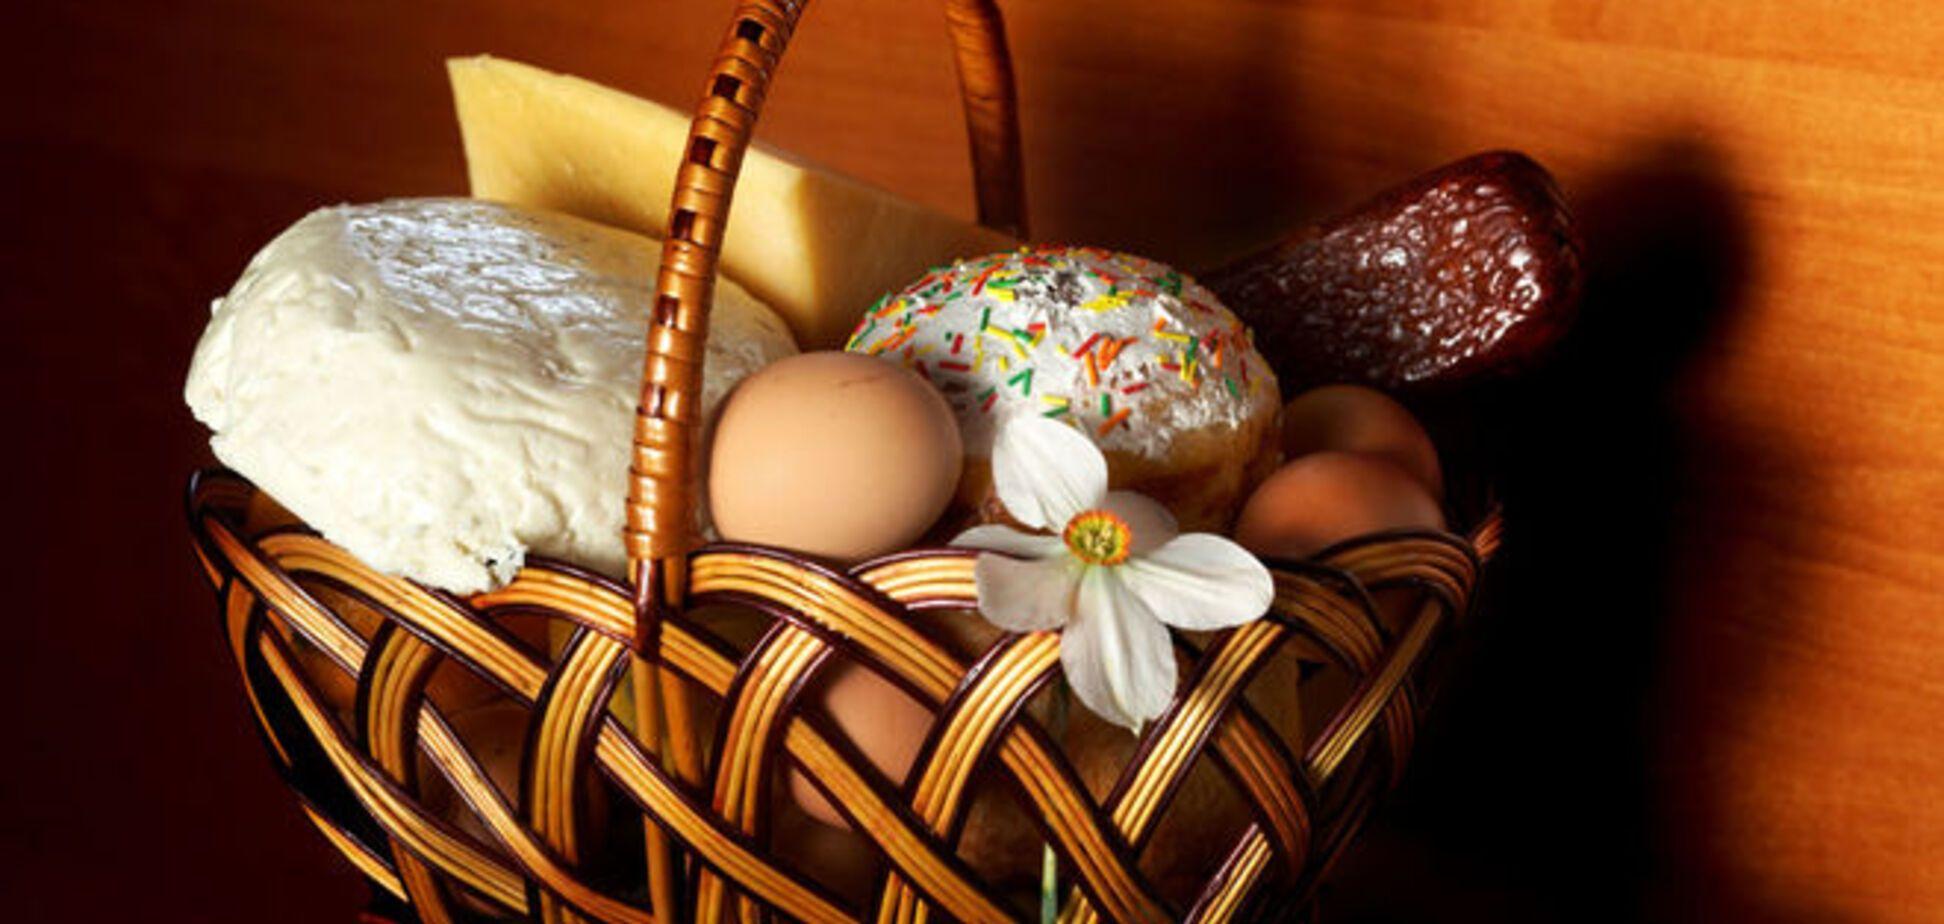 Названы 5 продуктов, которые обязательно нужно святить на Пасху